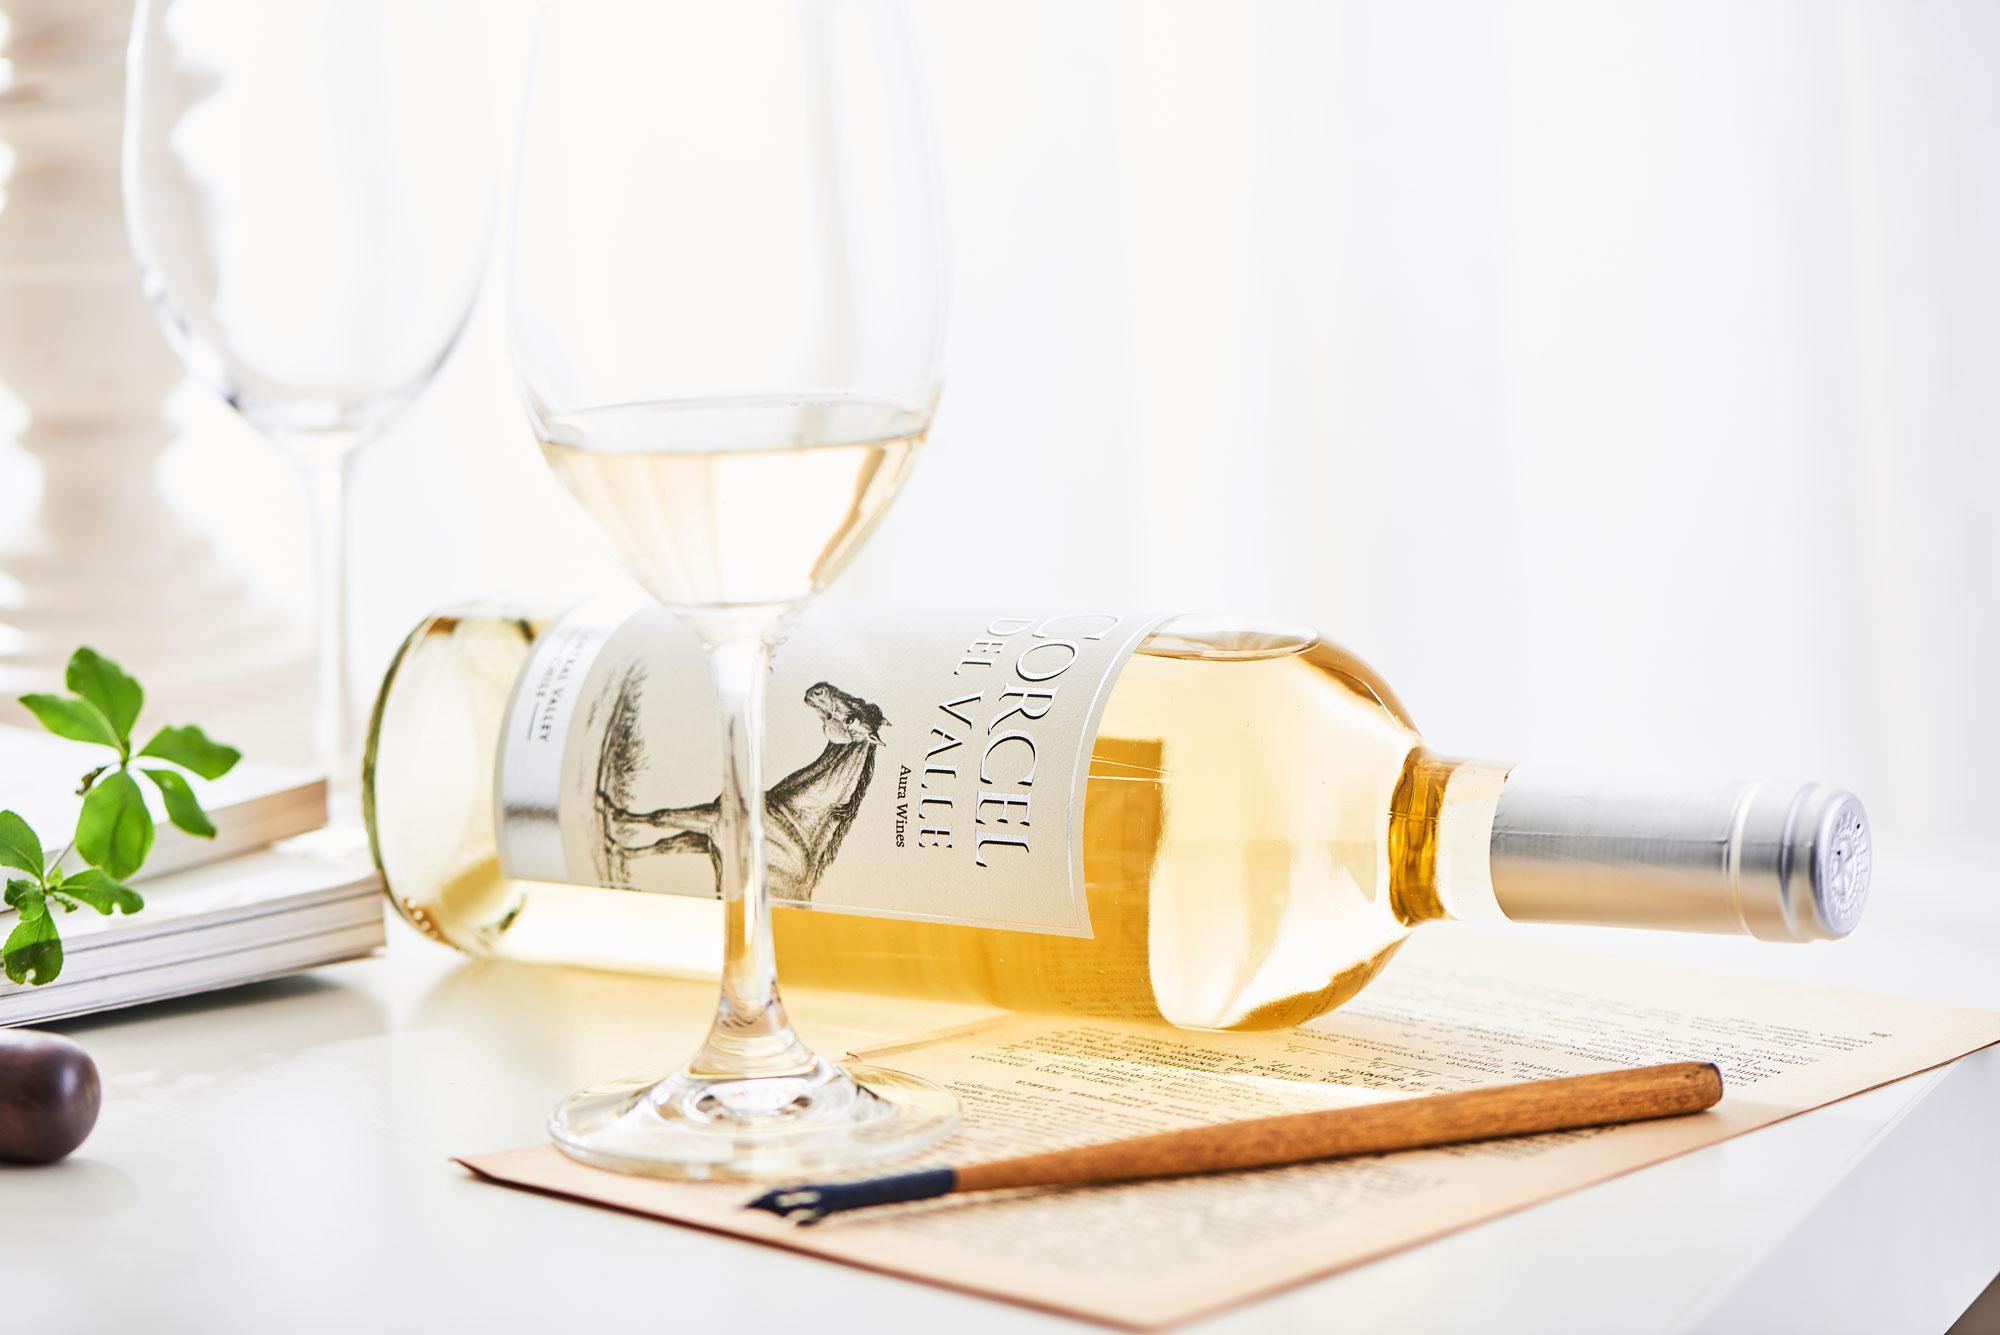 珍藏赤霞珠干红经销-采购划算的葡萄酒就找鑫魁酒业